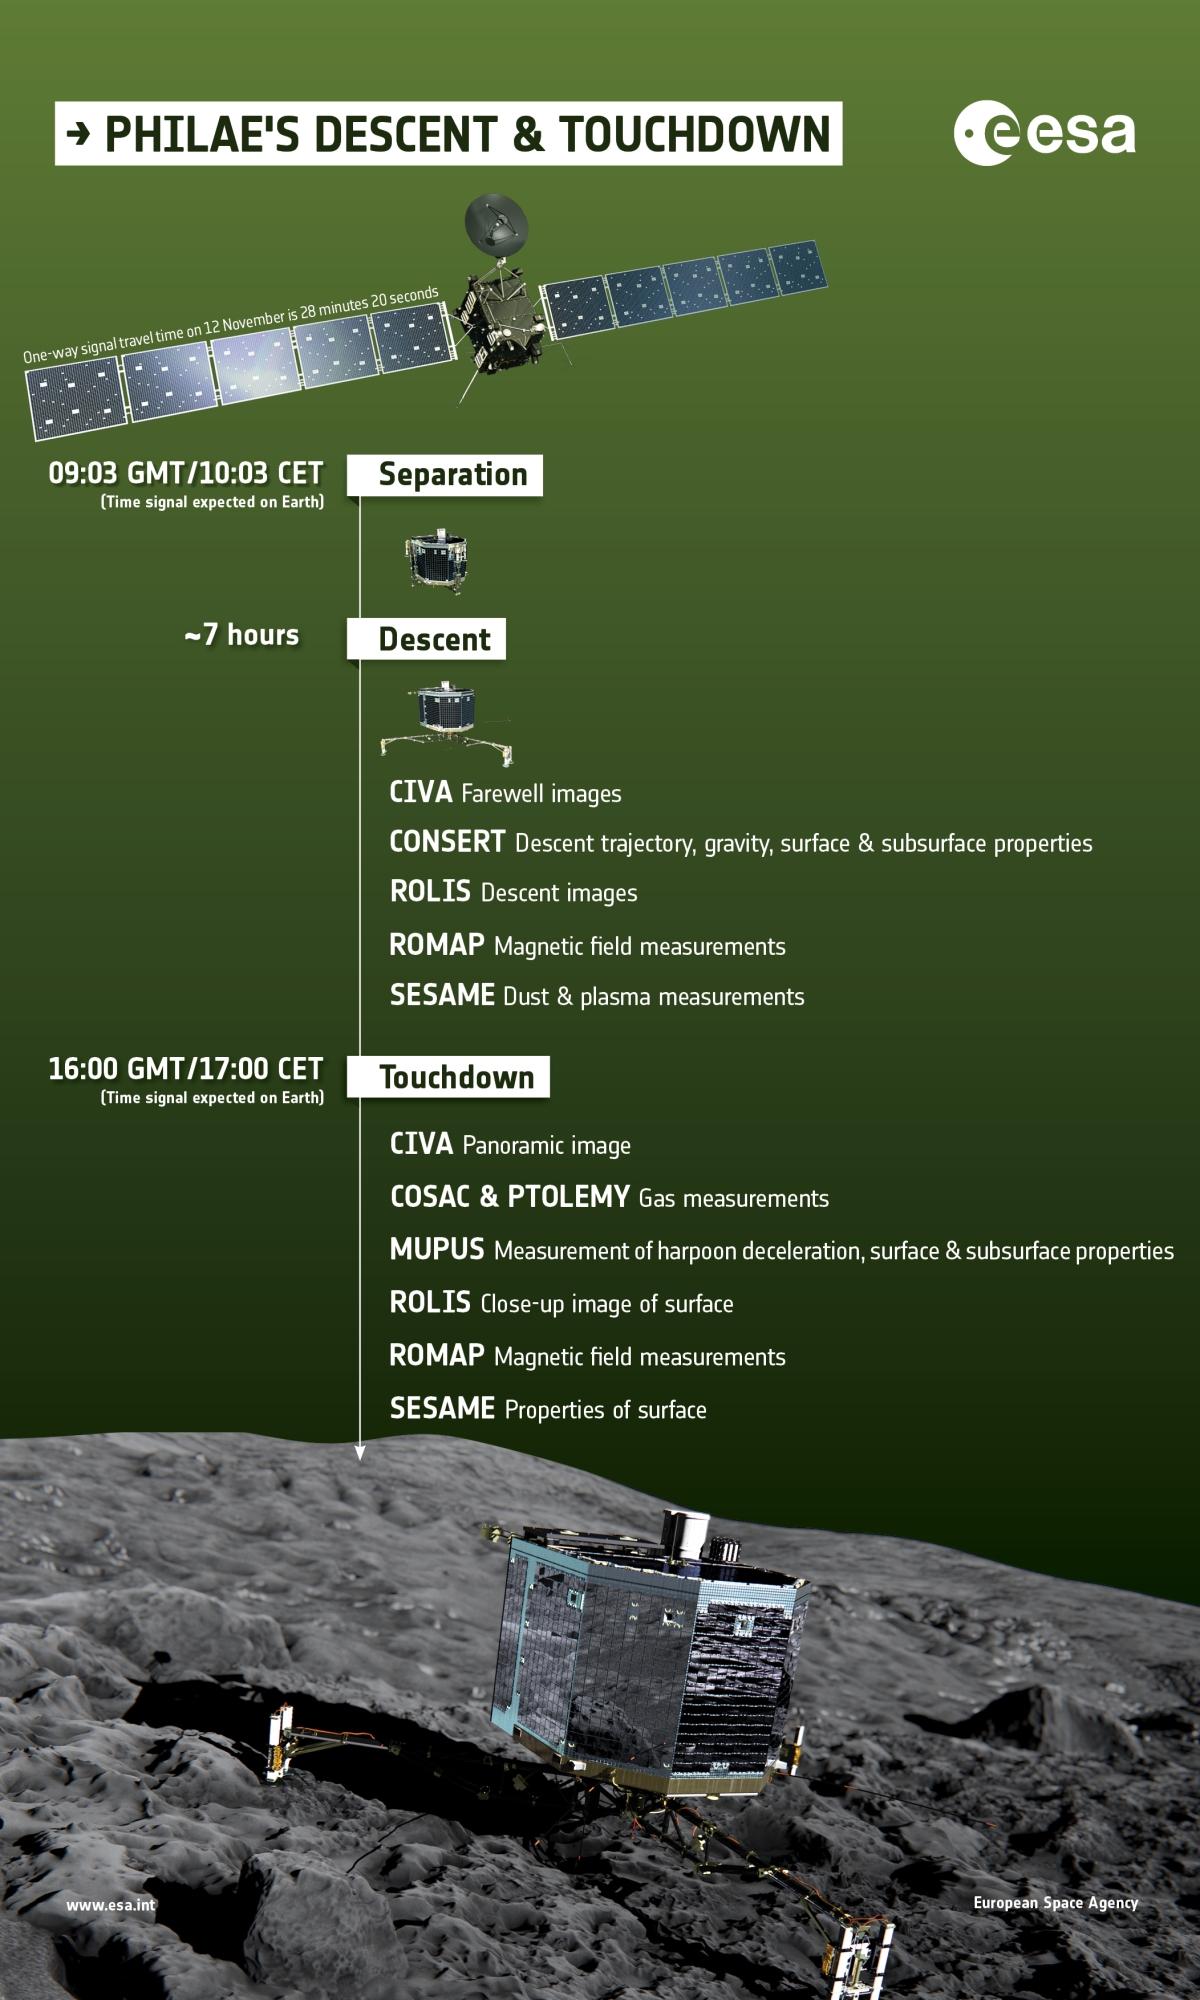 La descente de Philae.